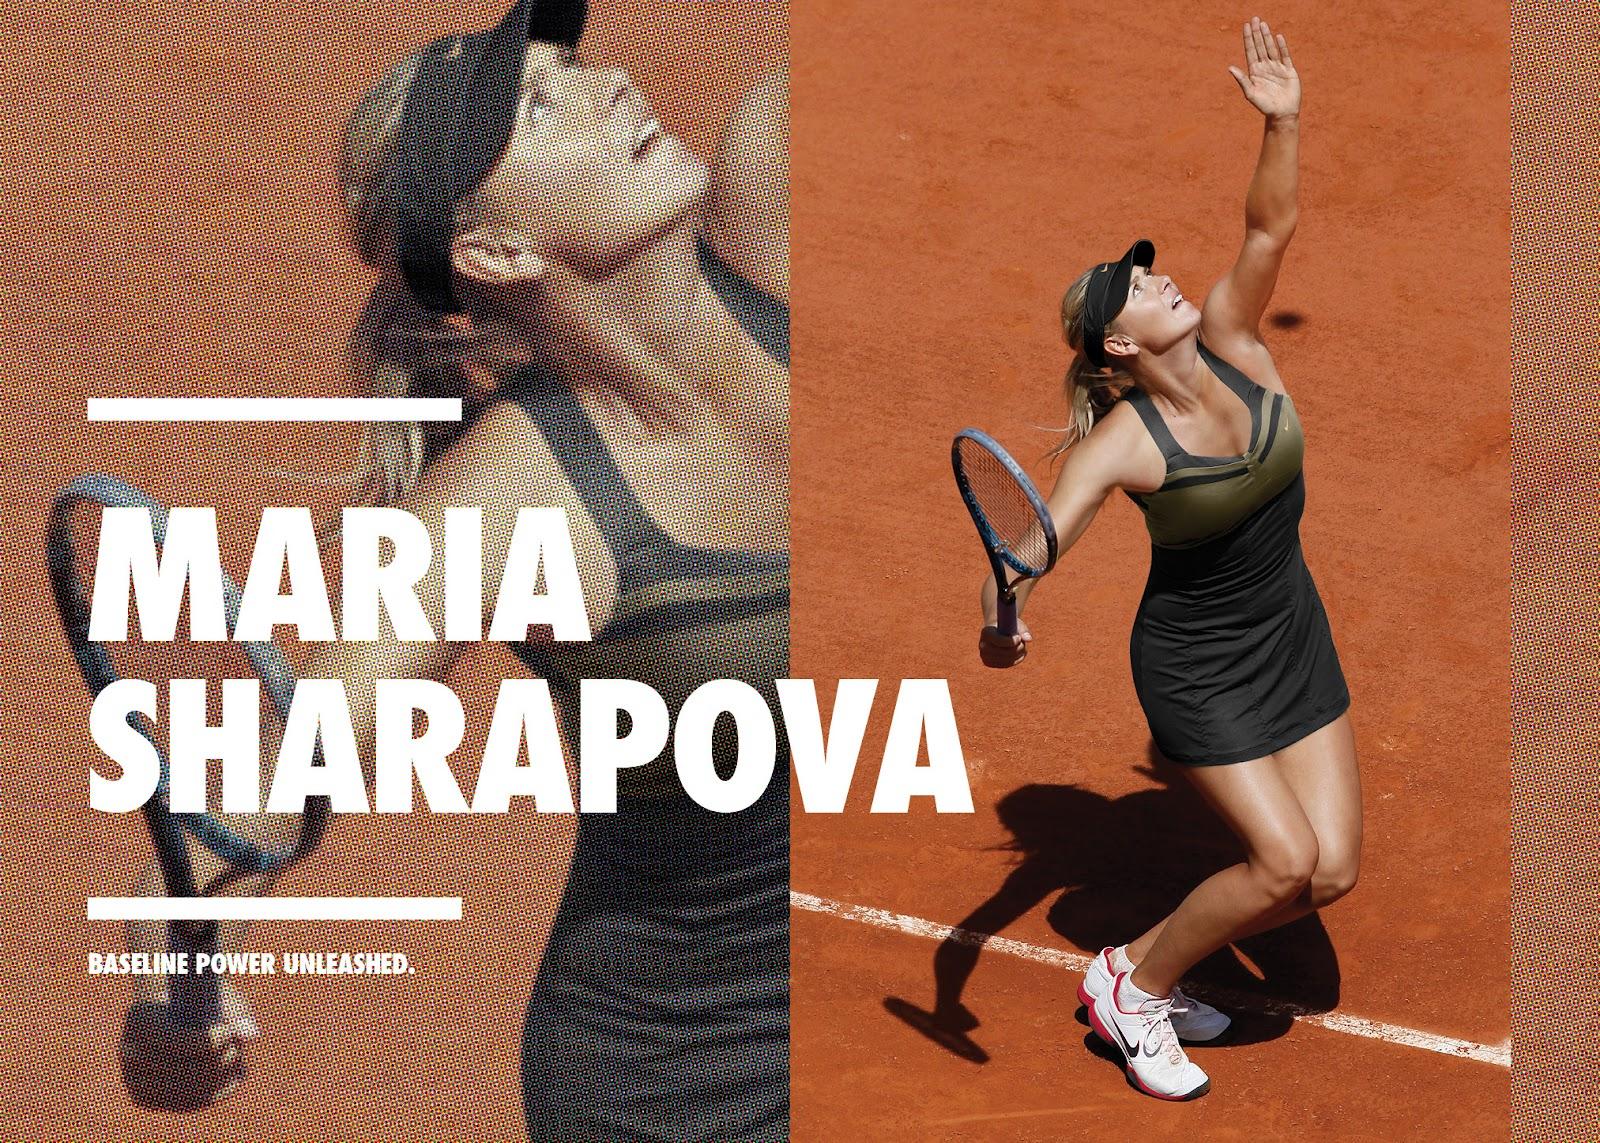 http://1.bp.blogspot.com/-2oB_9FGhWxg/T7P22sHWCMI/AAAAAAAAAn4/yHqLnageKFU/s1600/SU12_Tennis_DigitalLookbook_07_20.jpg